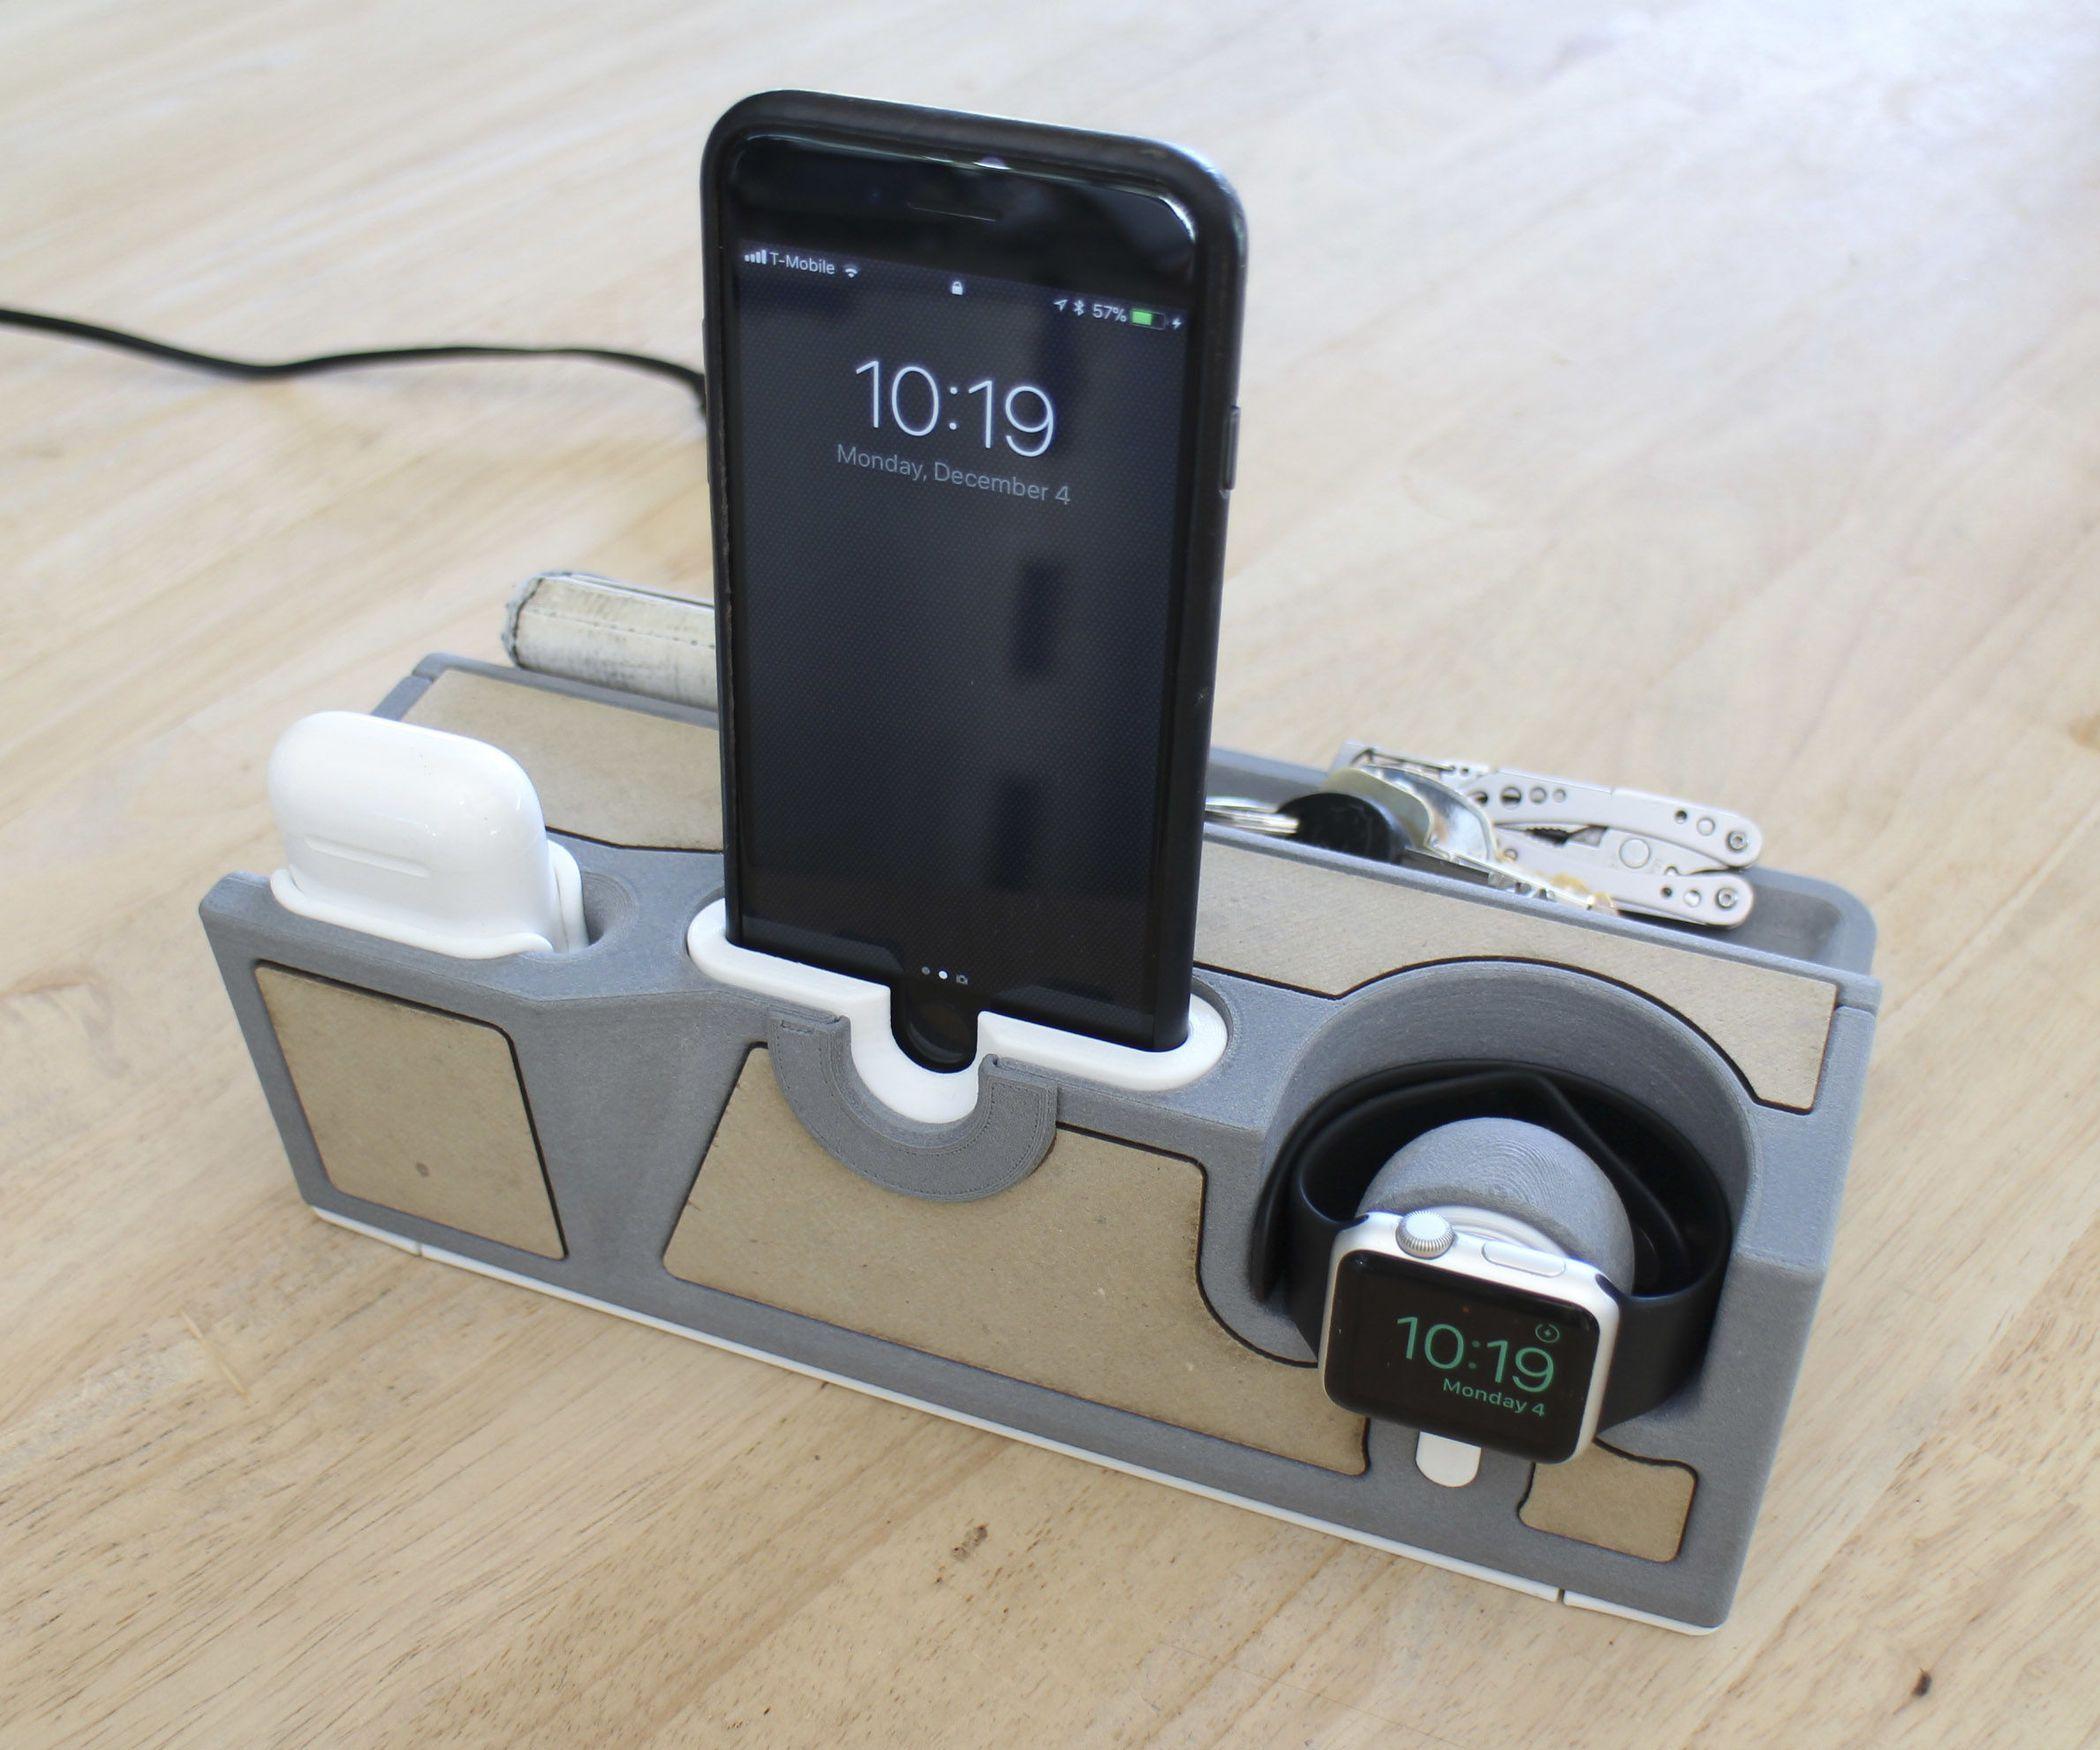 Iphone stylish docking station